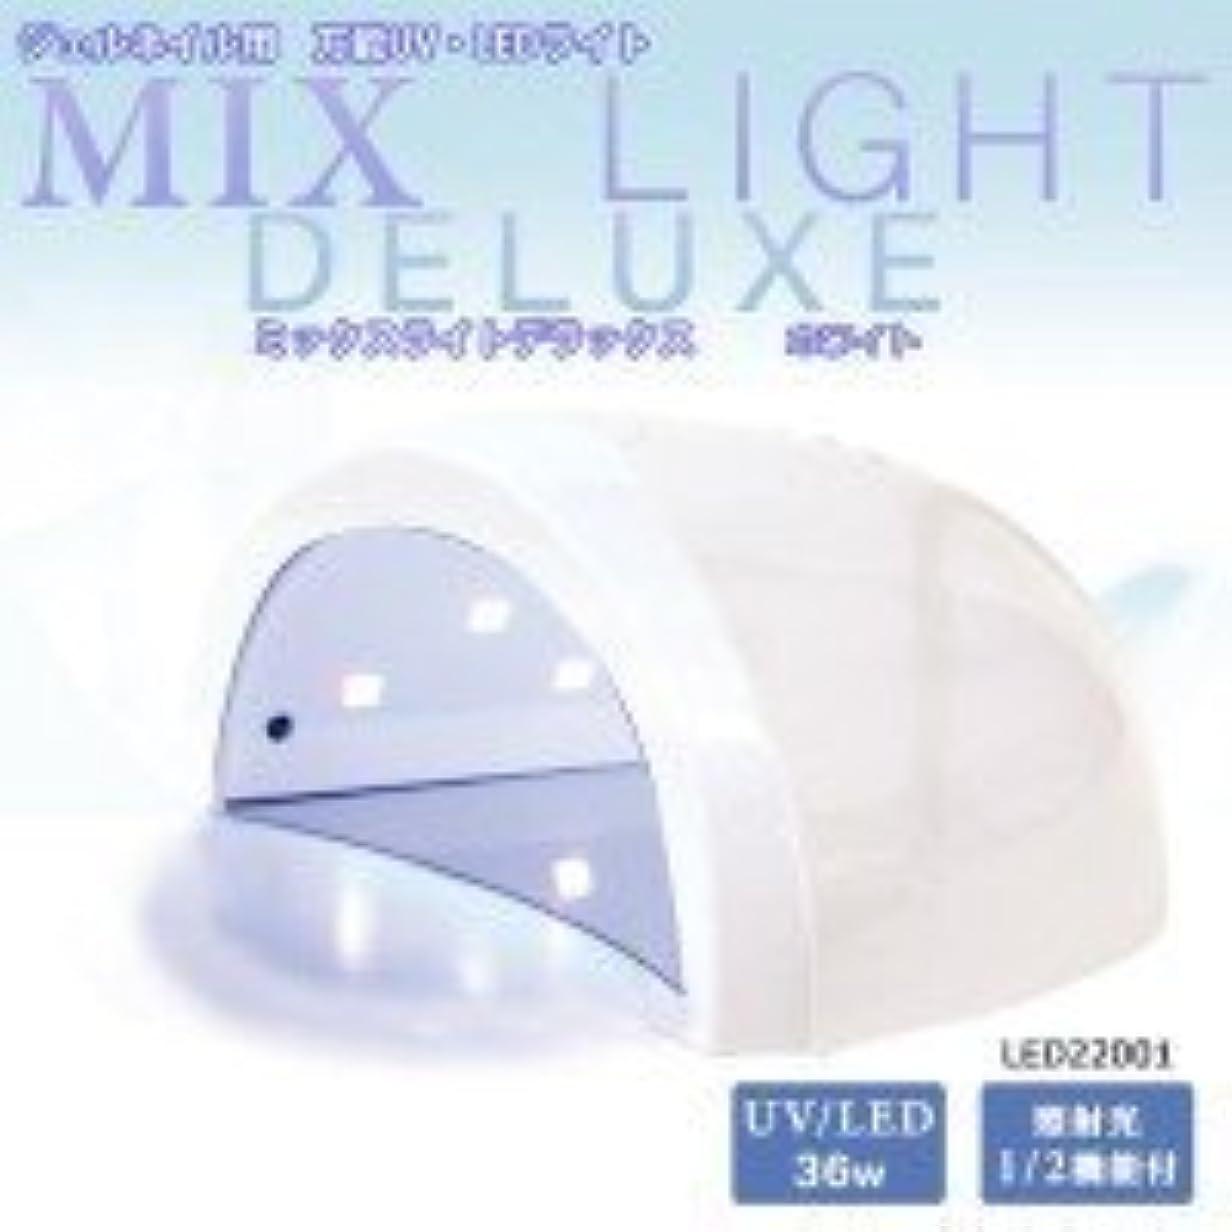 シェル騒発動機ビューティーワールド ジェルネイル用 万能UV?LEDライト MIX LIGHT DELUXE ミックスライトデラックス  ホワイトLED22001